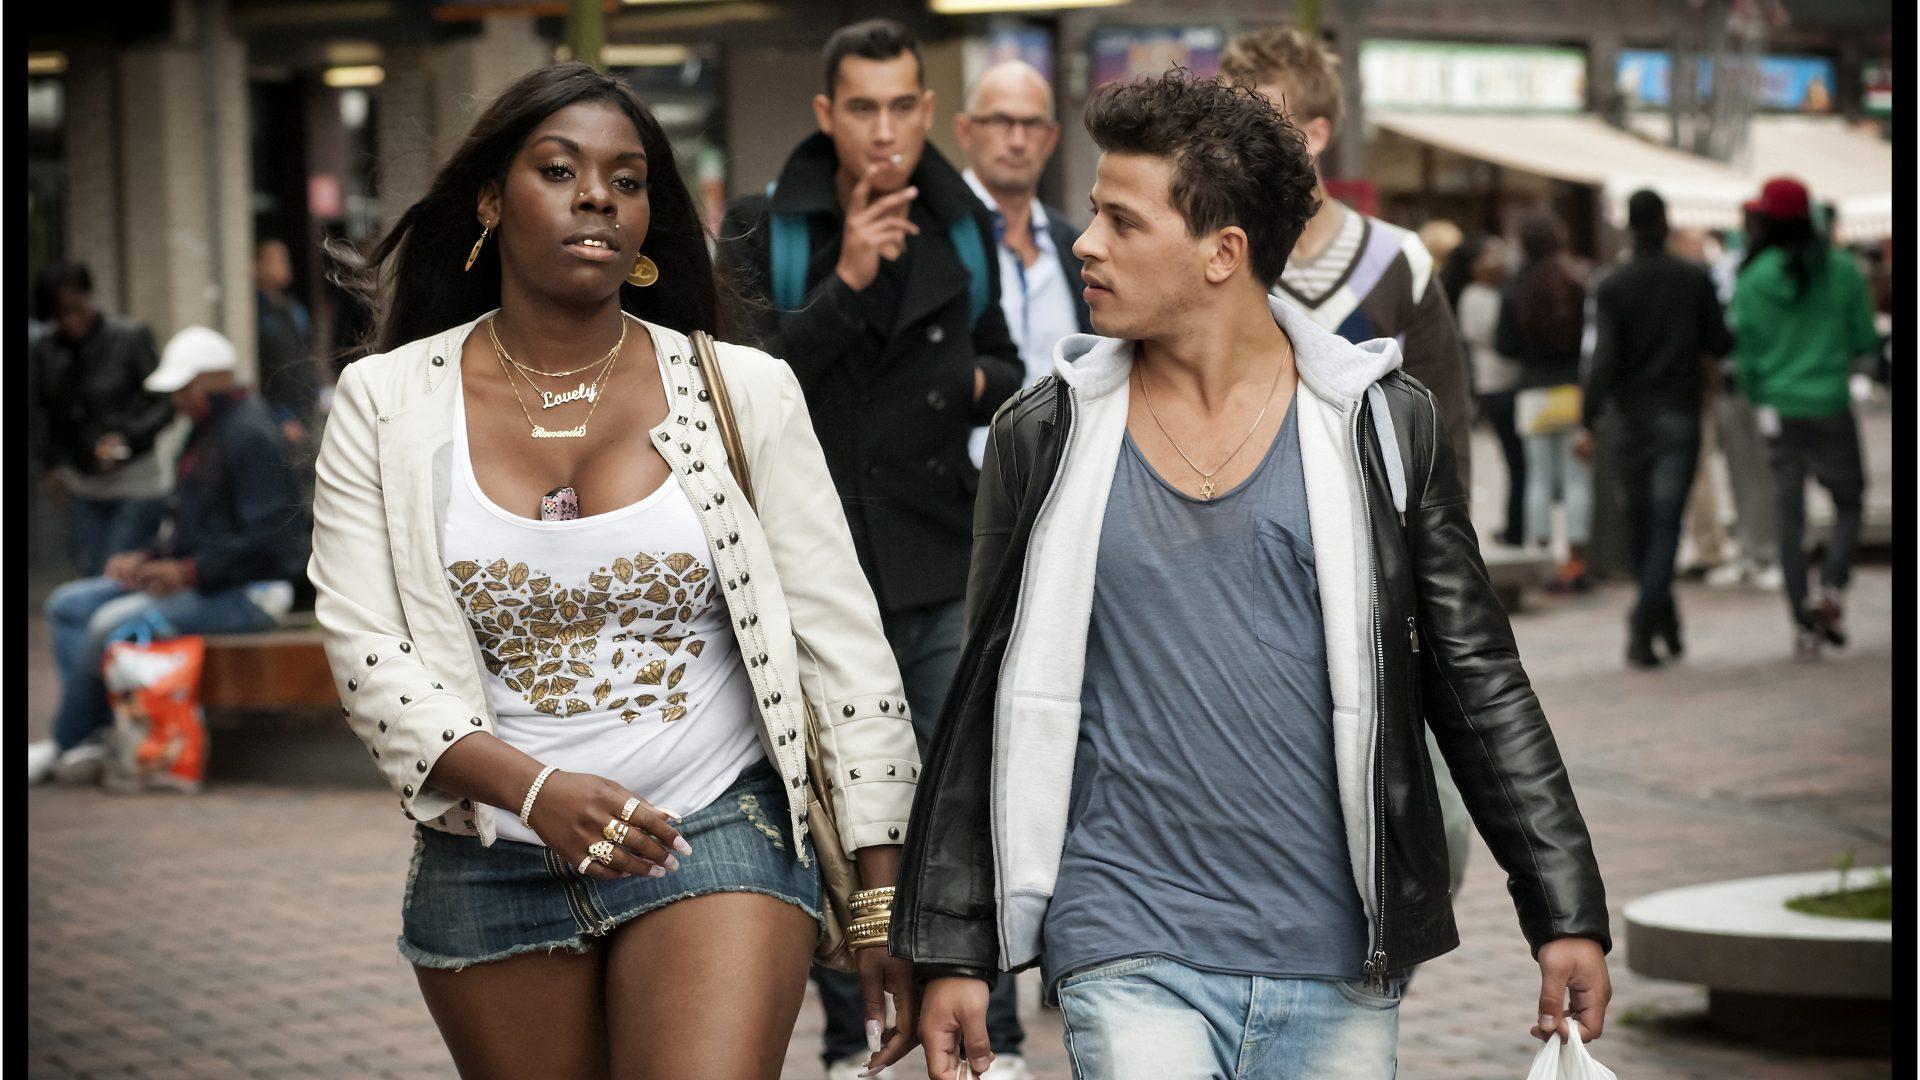 Alleen Maar Nette Mensen Seksscene alleen maar nette mensen ⋆ nederlands film festival